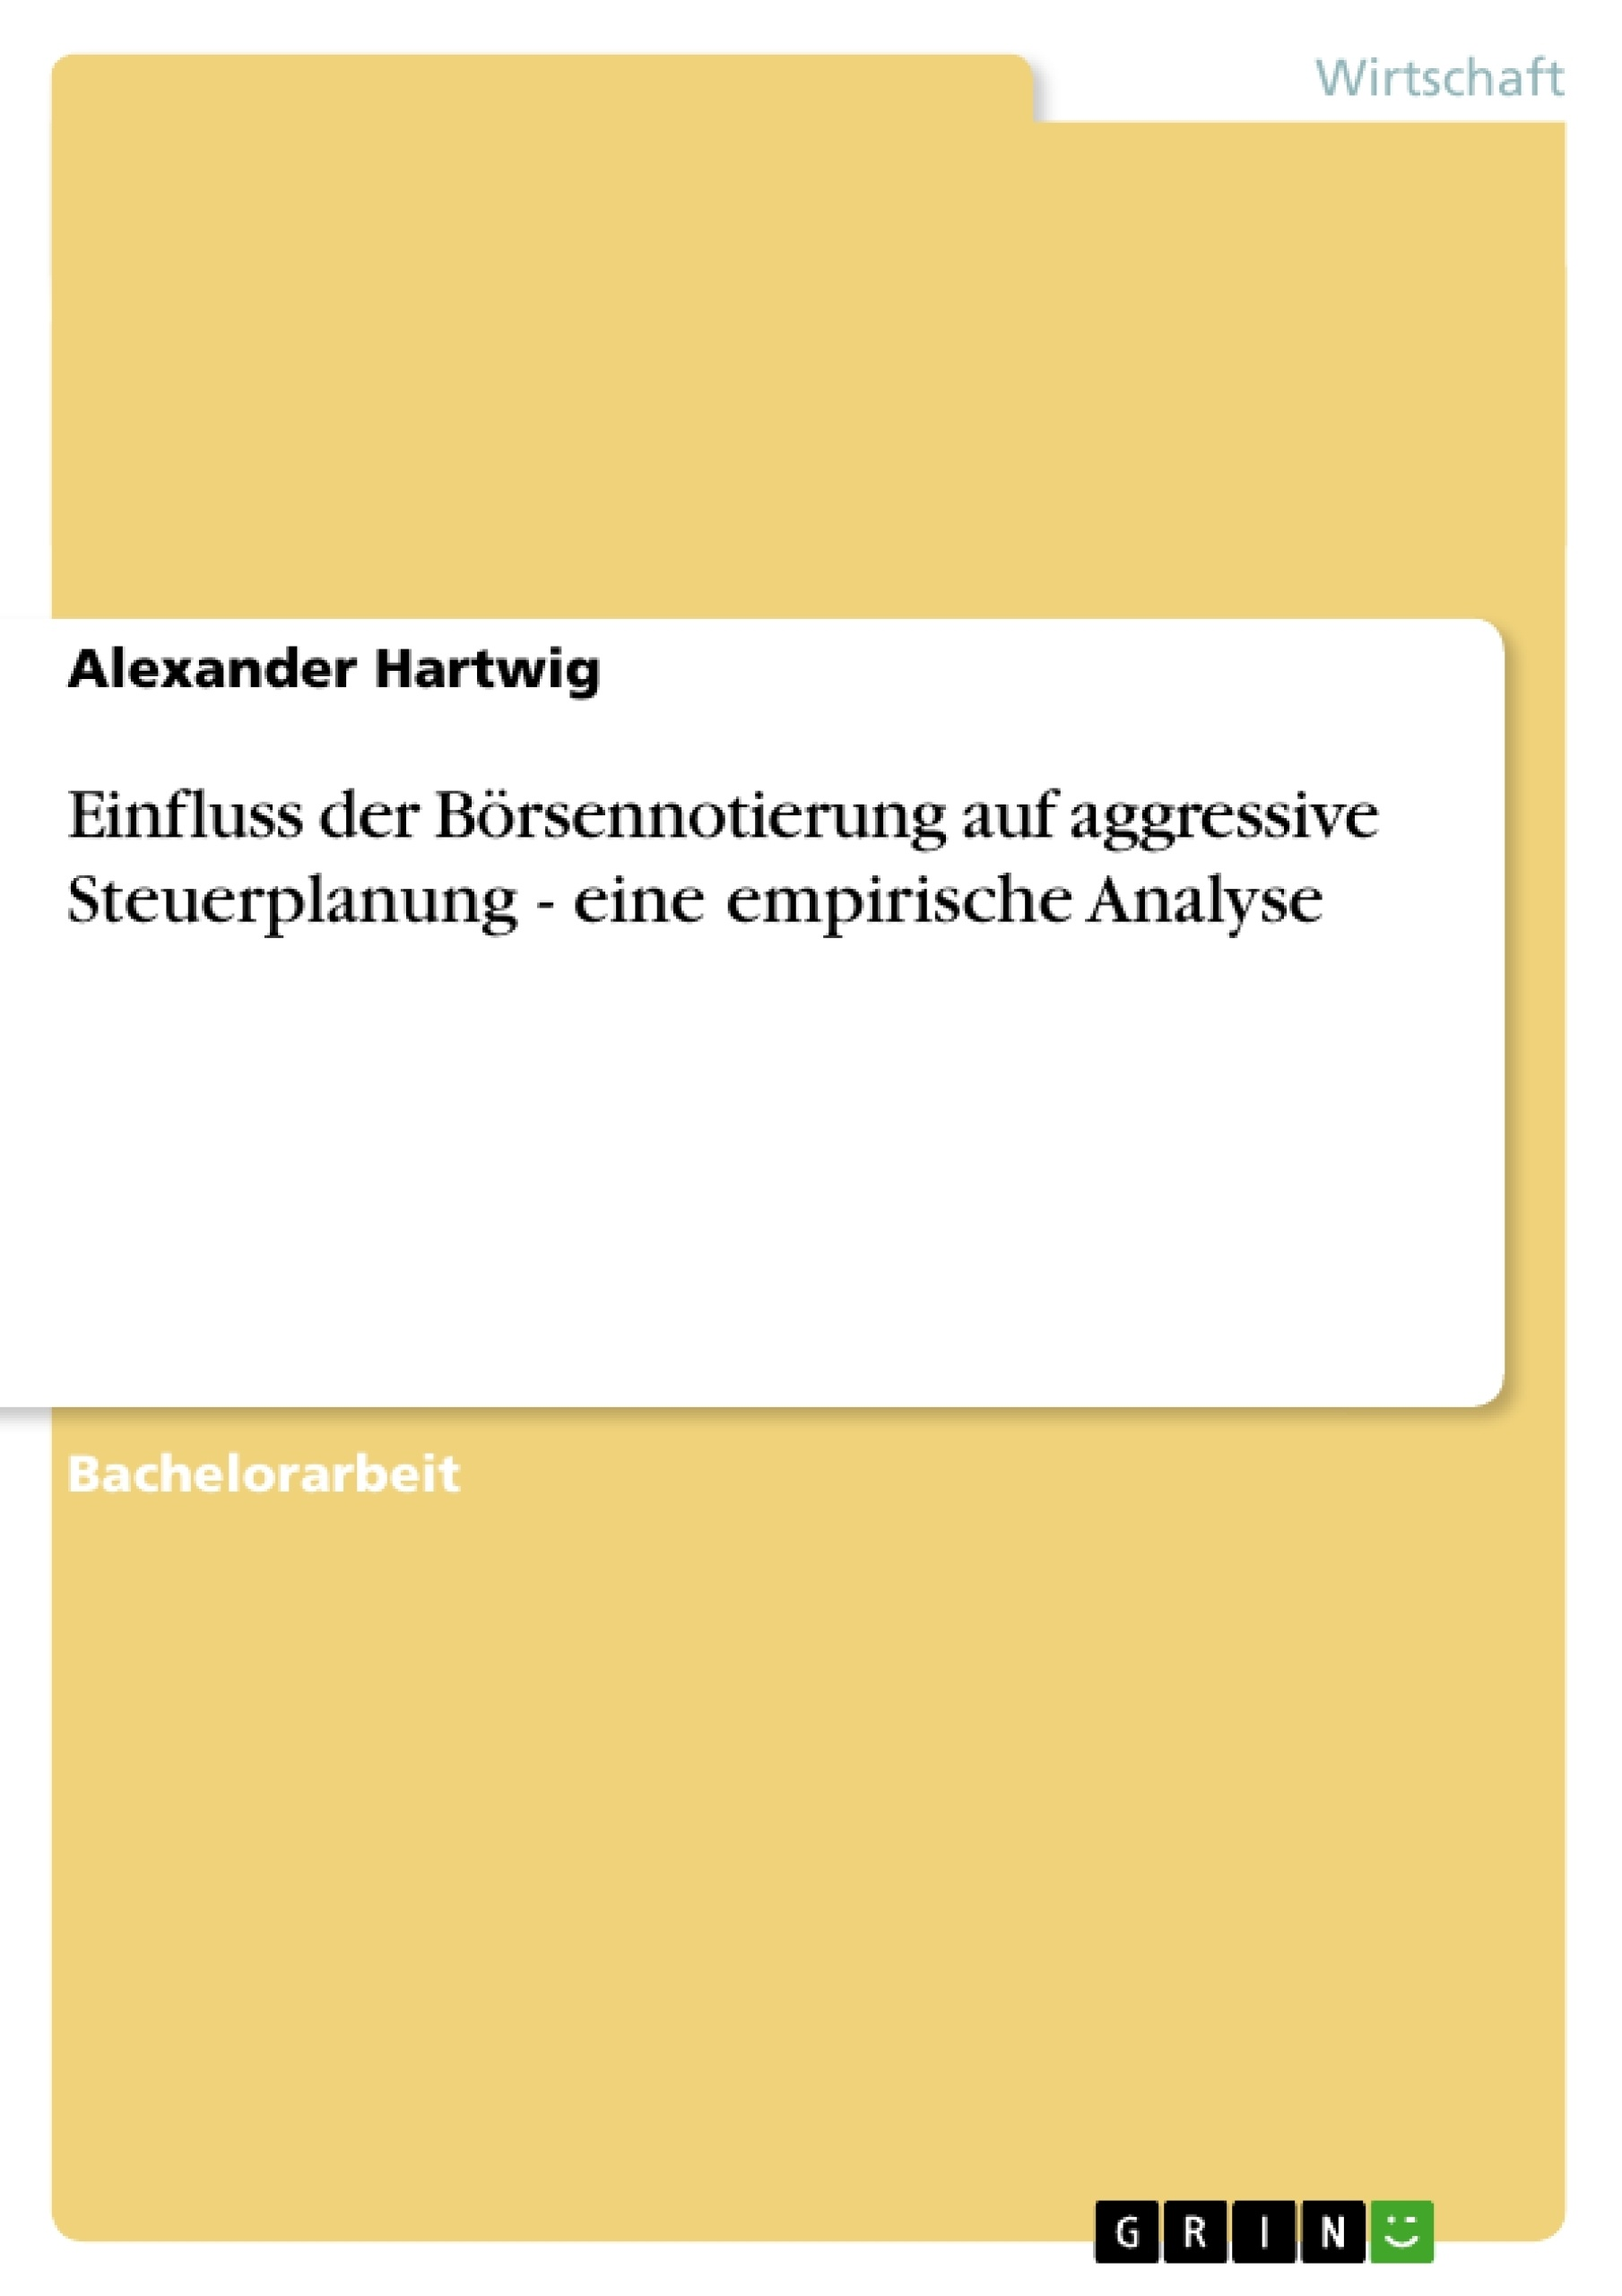 Titel: Einfluss der Börsennotierung auf aggressive Steuerplanung - eine empirische Analyse